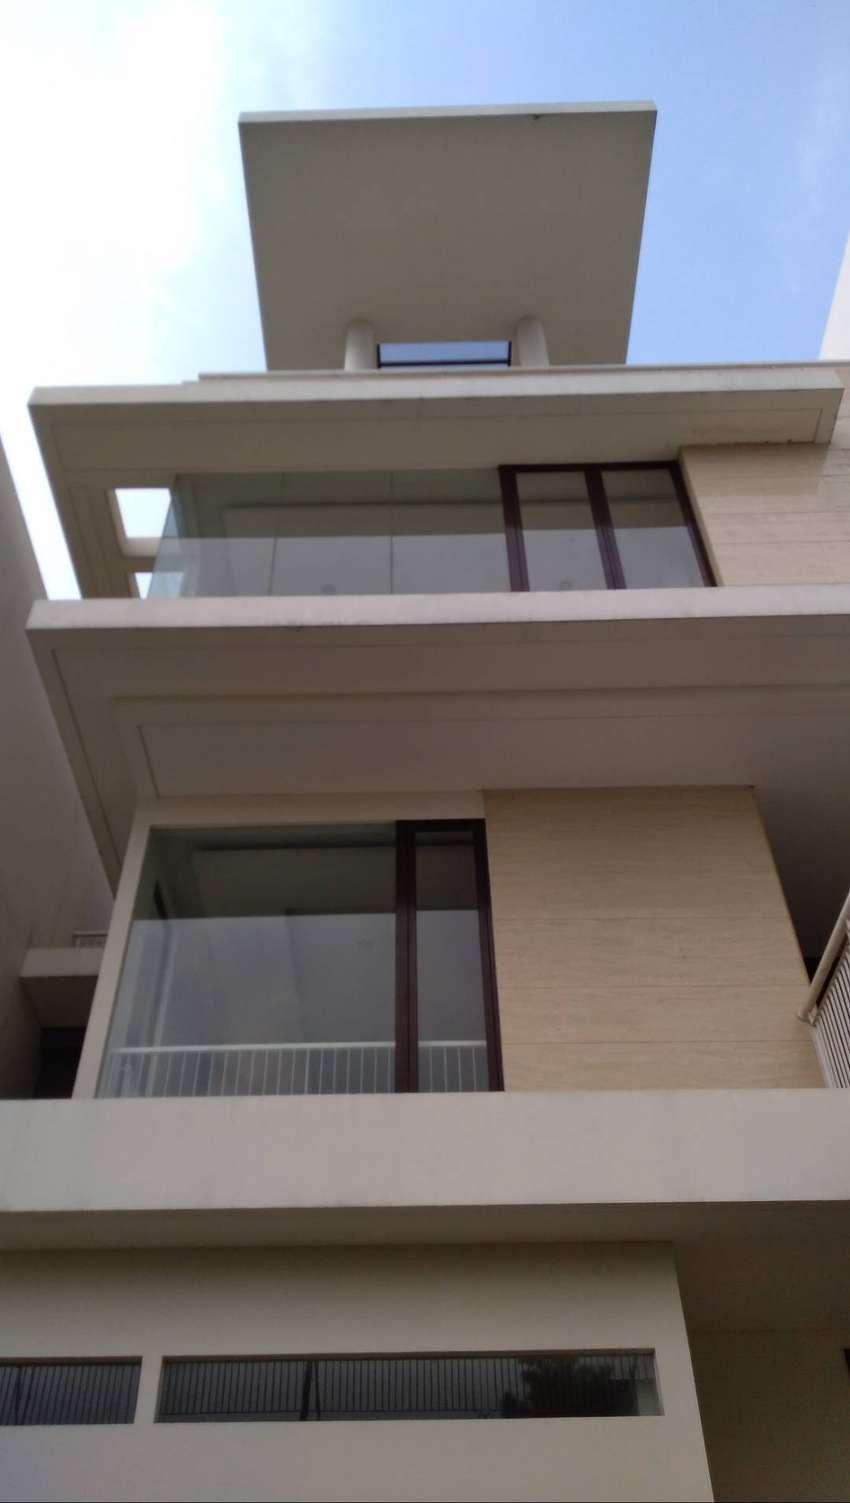 Penthouse Mewah 4 Lantai Dengan Lift, Cluster Exclusive Barat Jakarta